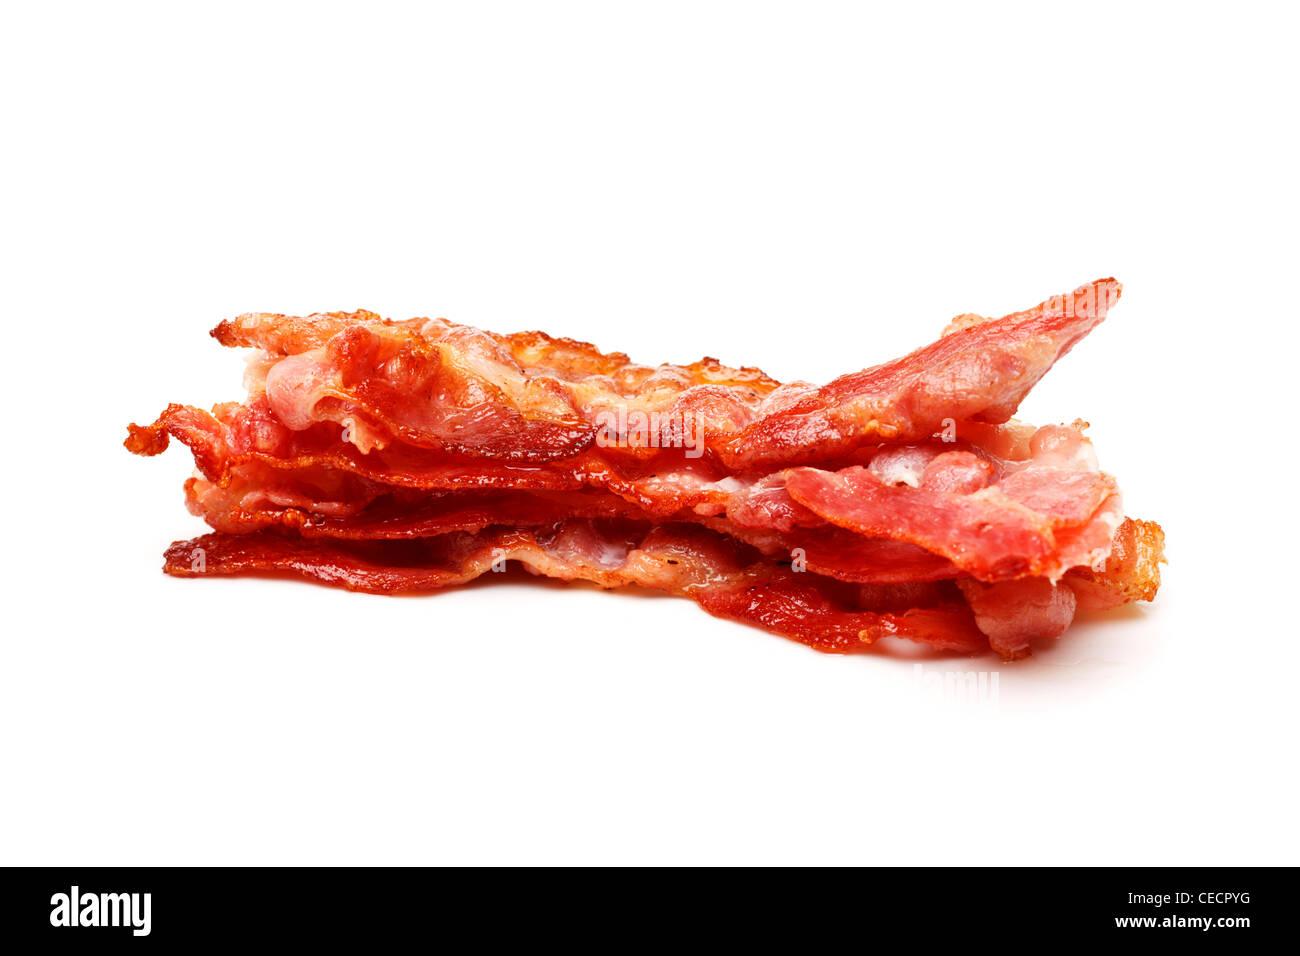 Bacon montón de rashers sobre fondo blanco. Imagen De Stock